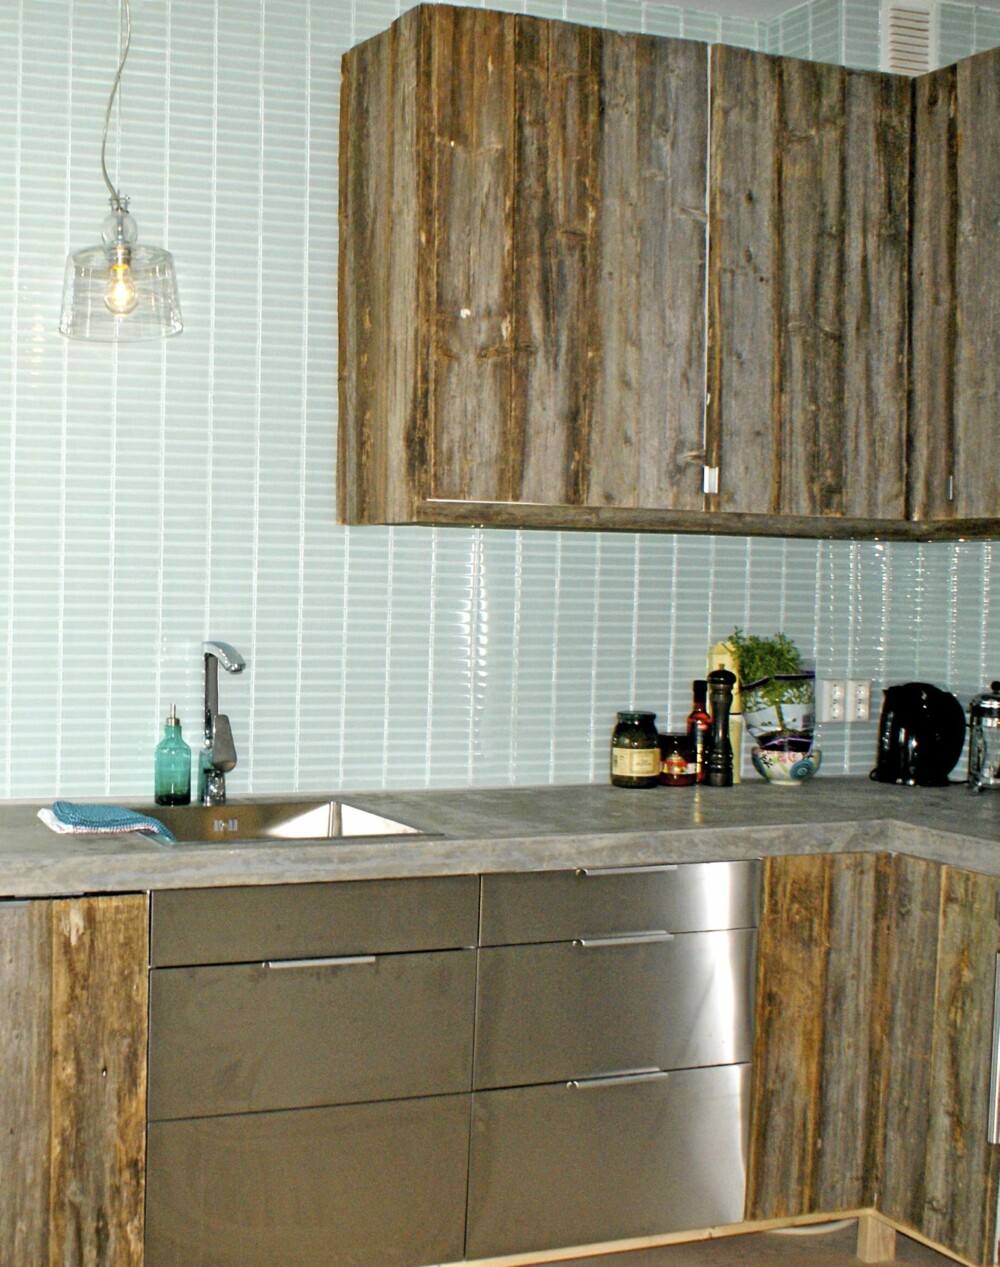 KJØKKENINNREDNING: Røff kjøkkeninnredning av gamle låvevegger